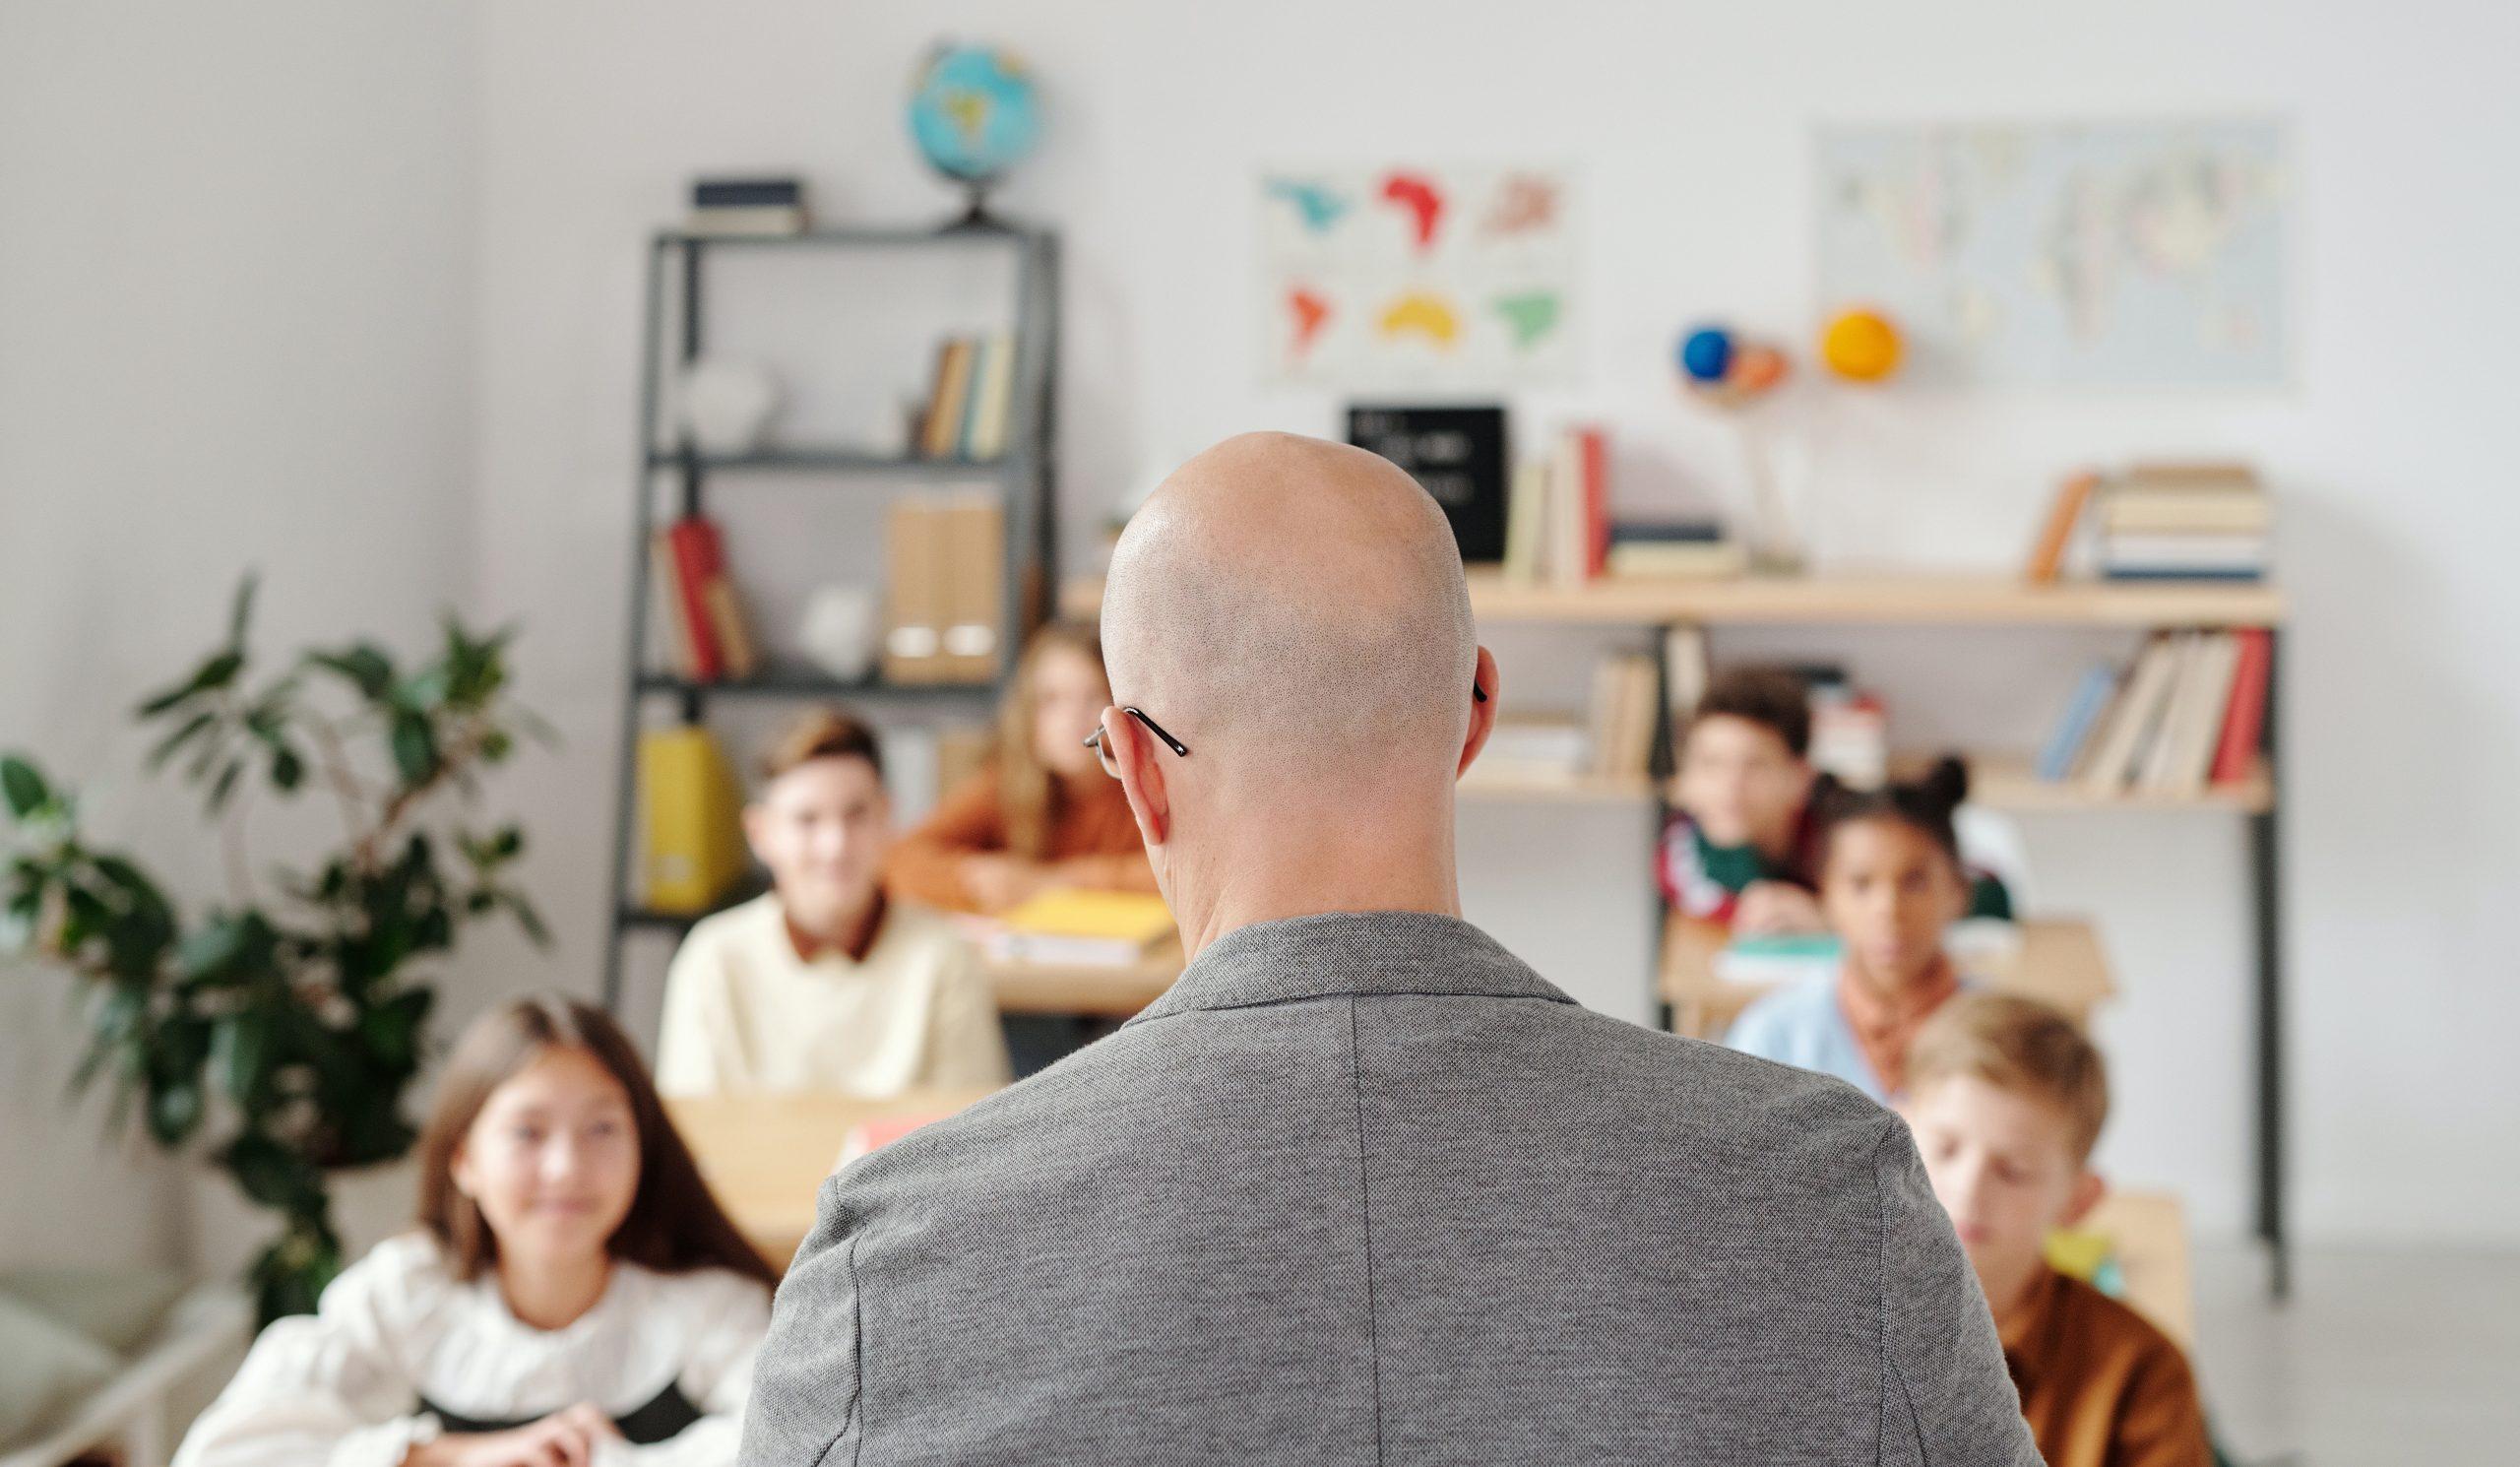 Elevă sechestrată de un profesor, după ce ar fi băut în clasă. Totul s-a petrecut la o școală din Ilfov